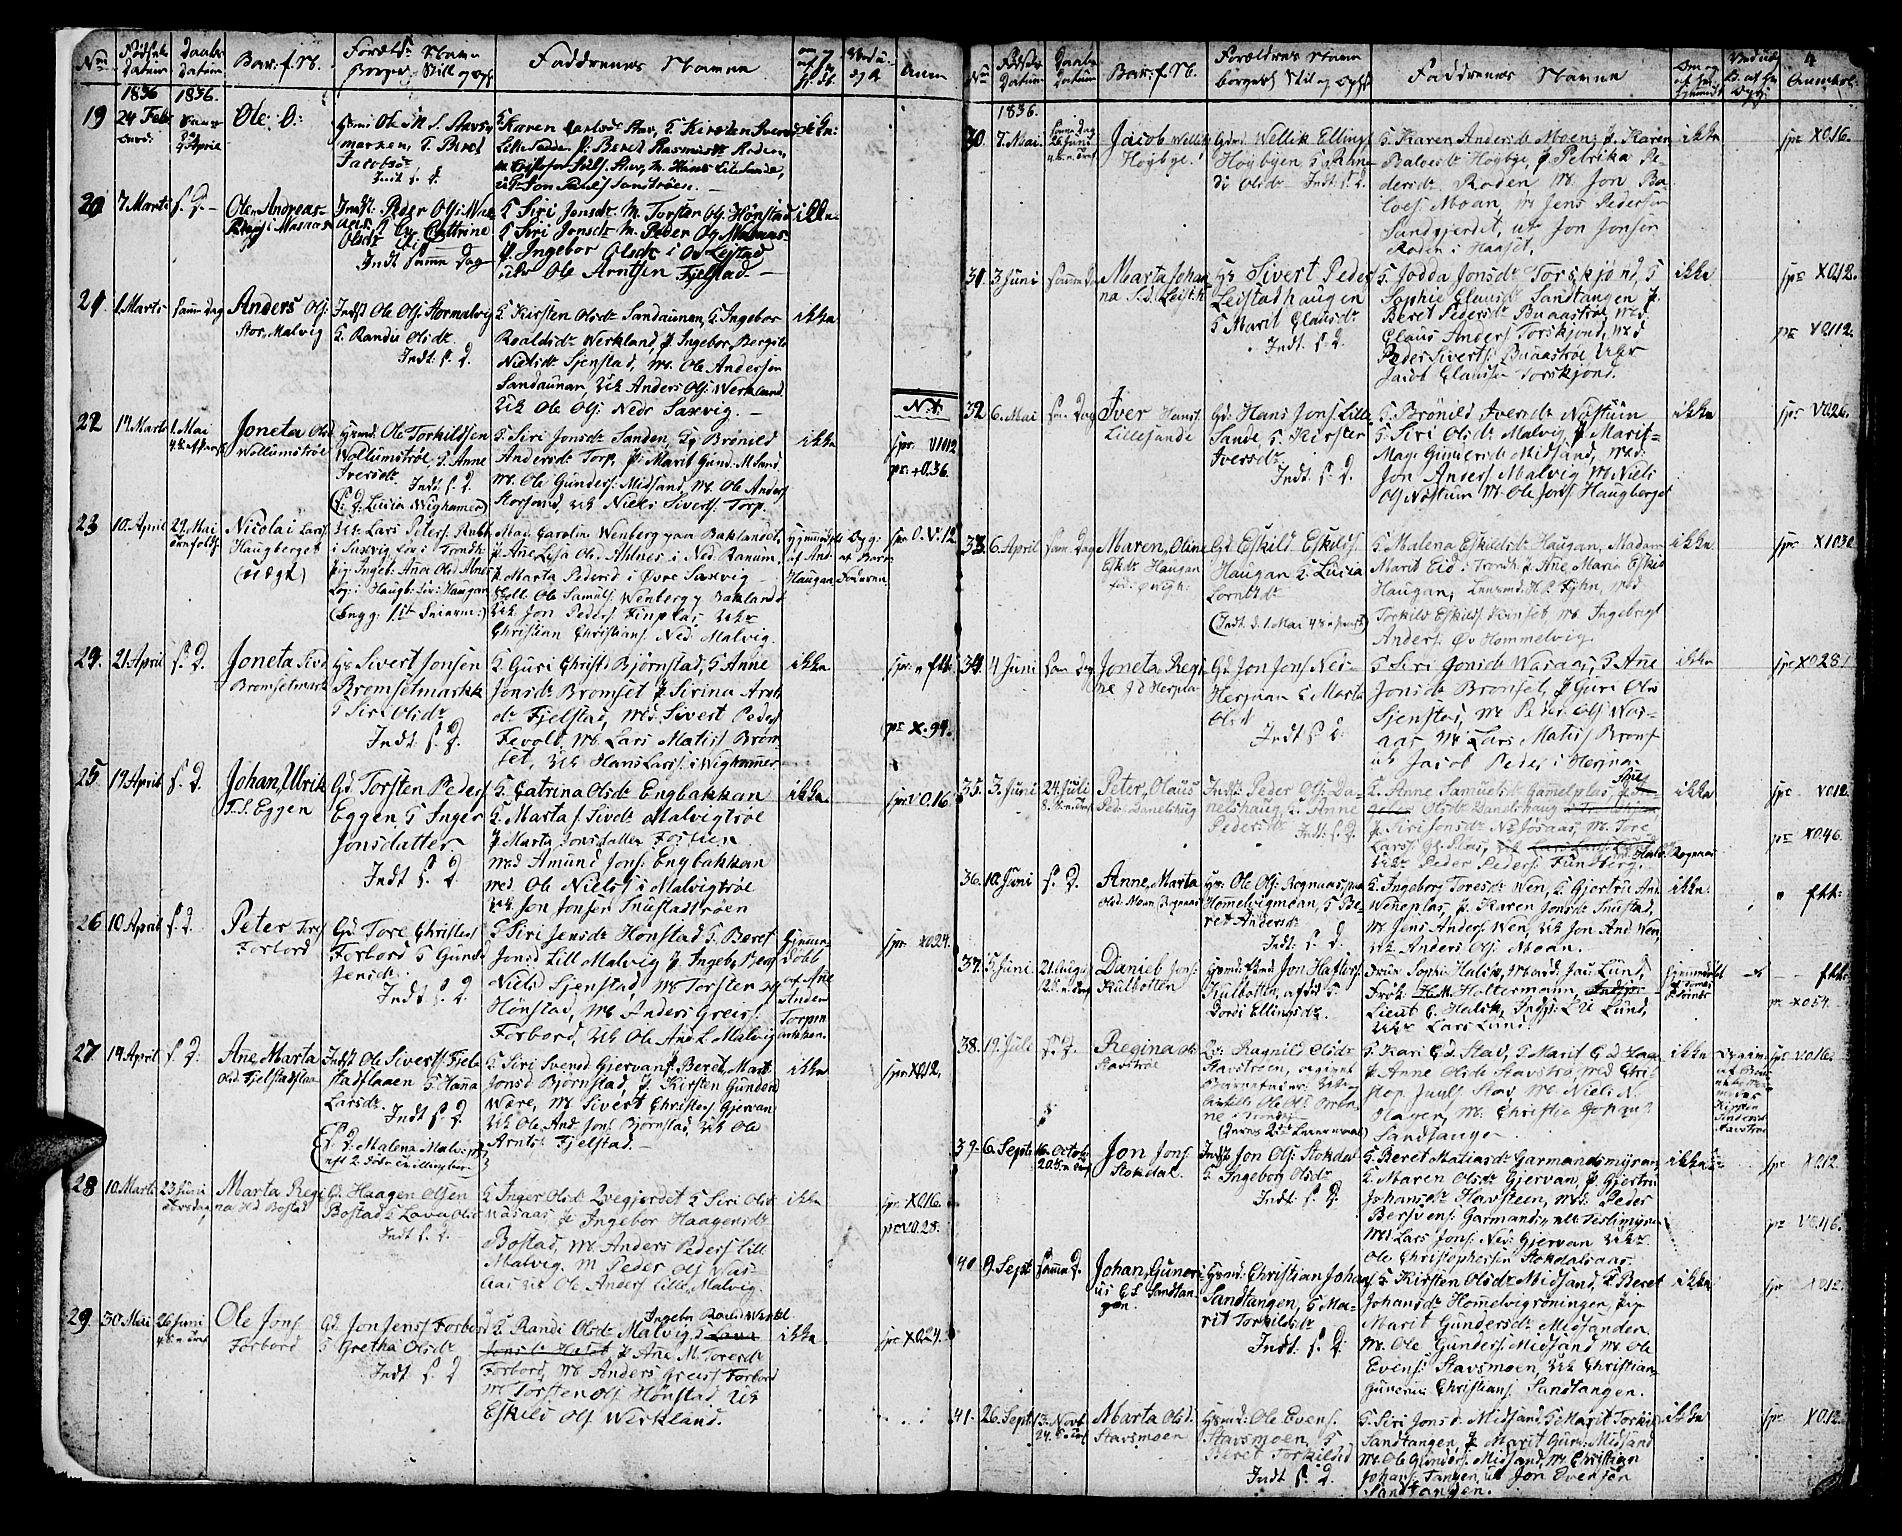 SAT, Ministerialprotokoller, klokkerbøker og fødselsregistre - Sør-Trøndelag, 616/L0421: Klokkerbok nr. 616C04, 1834-1850, s. 4